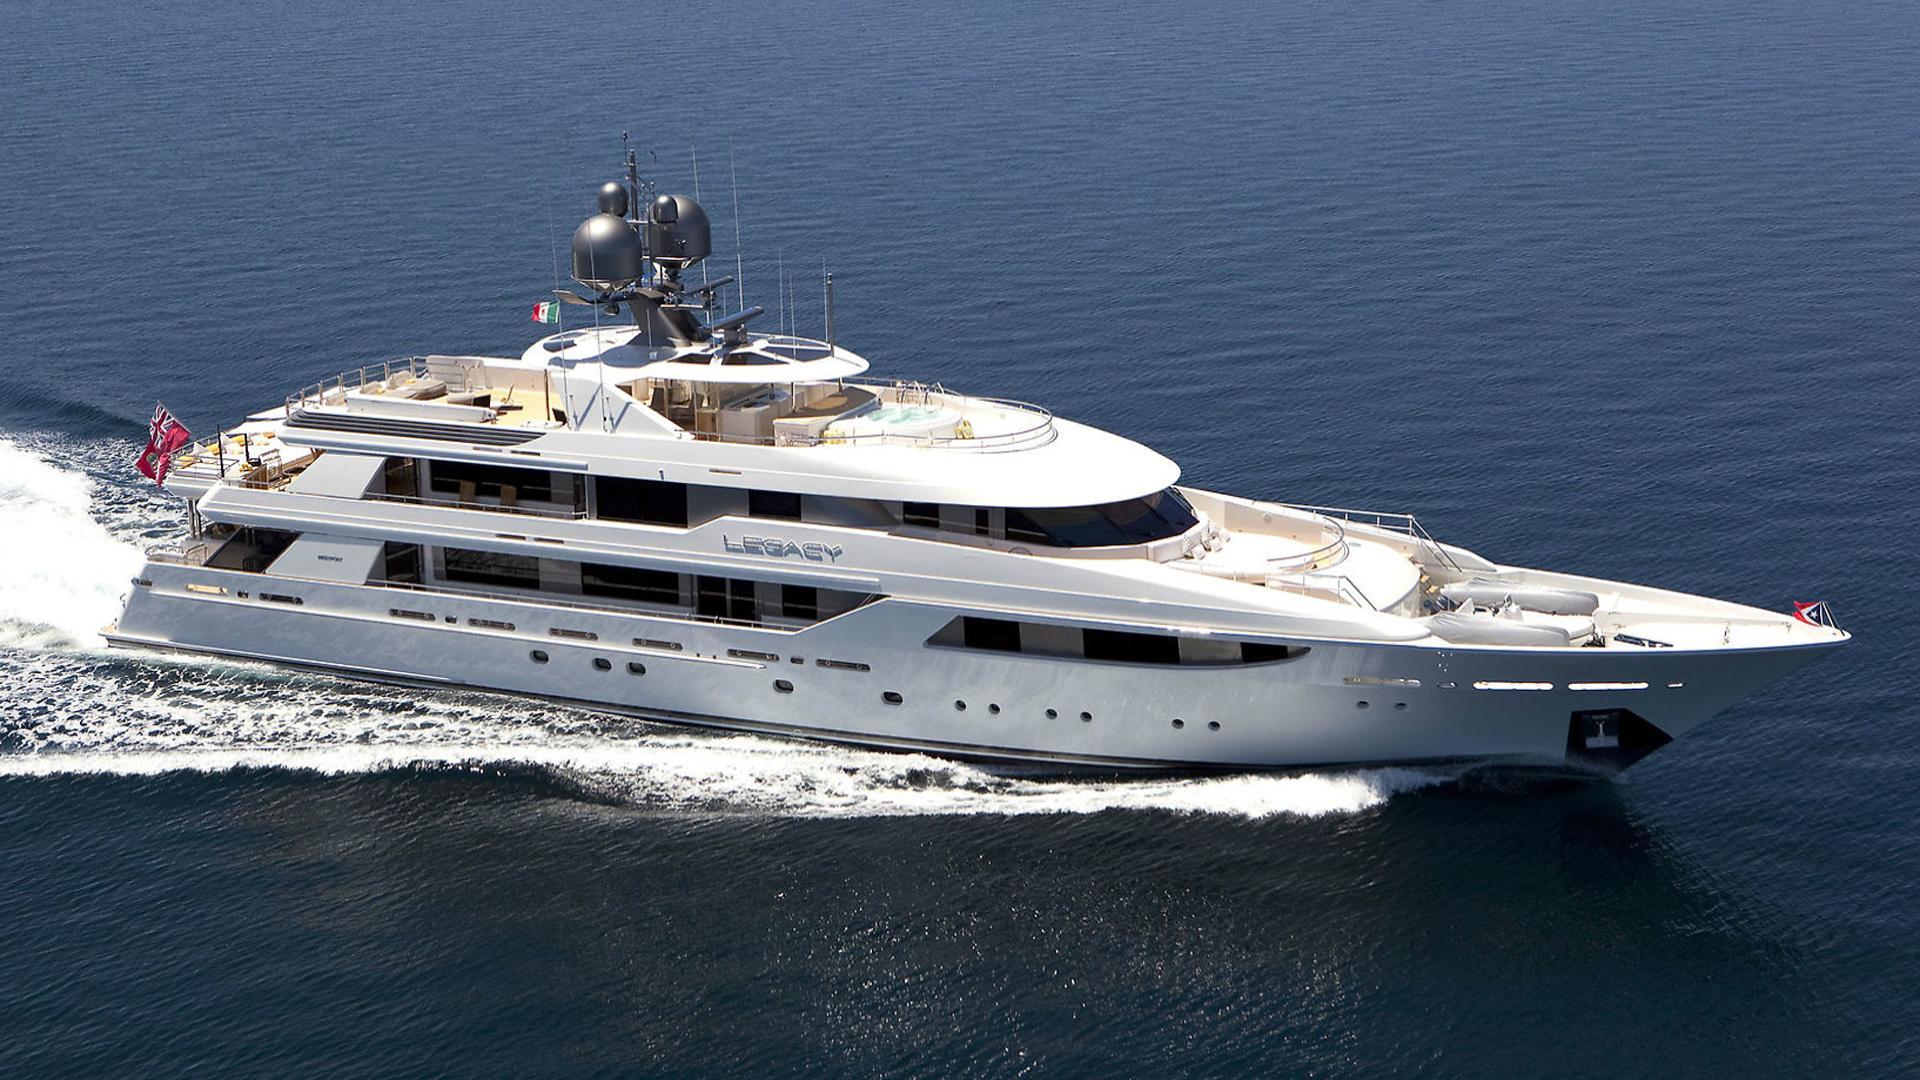 legacy-motor-yacht-westport-2011-50m-cruising